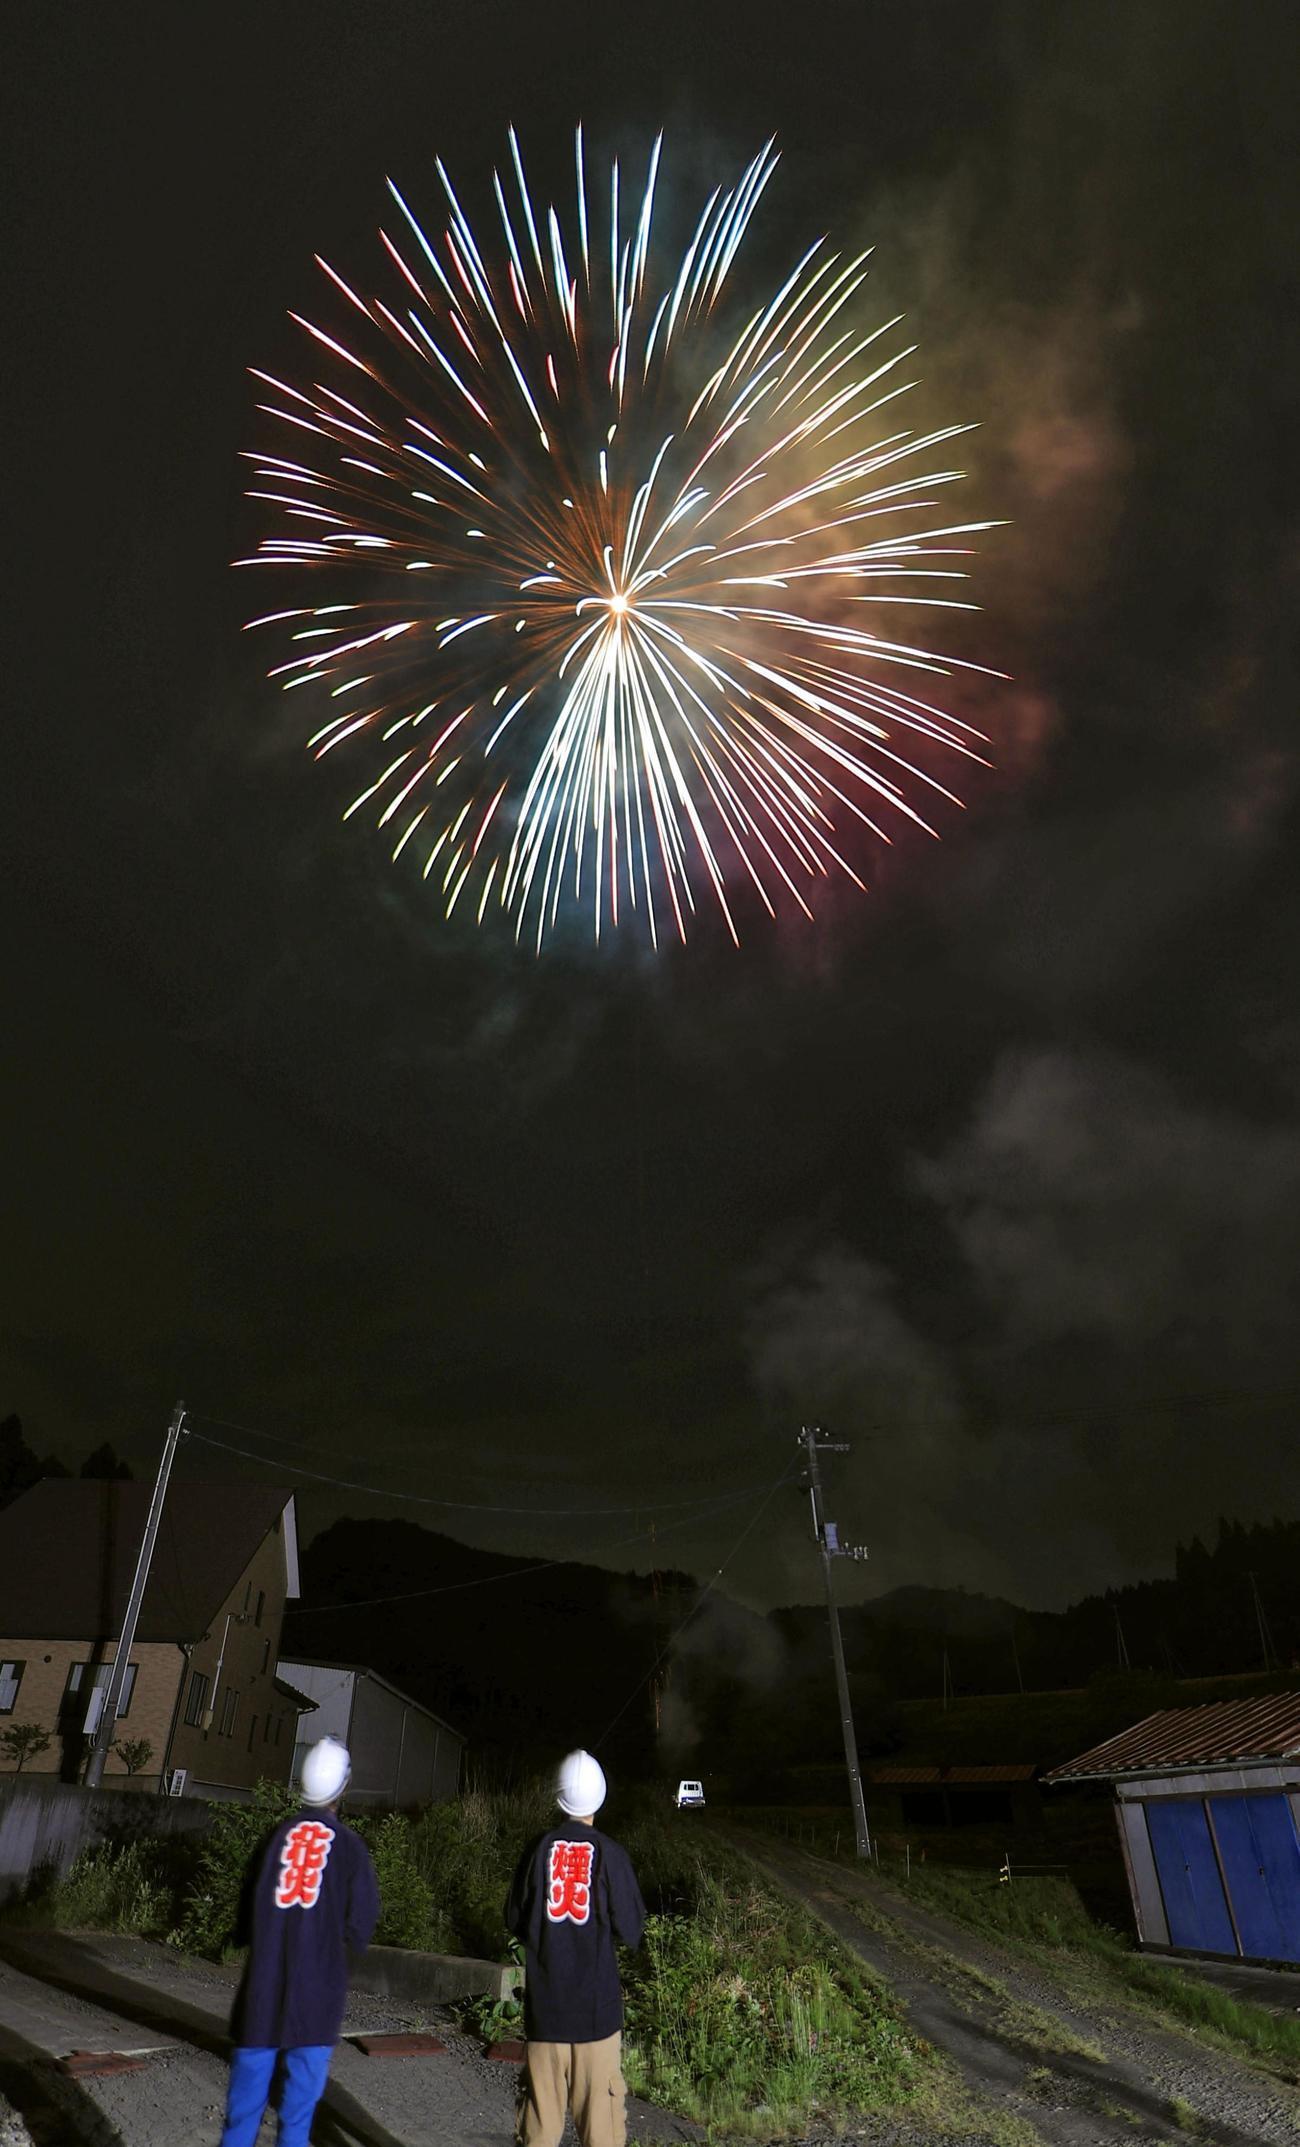 新型コロナウイルス感染症の収束を願い、宮城県岩沼市で花火が打ち上げられる(共同)